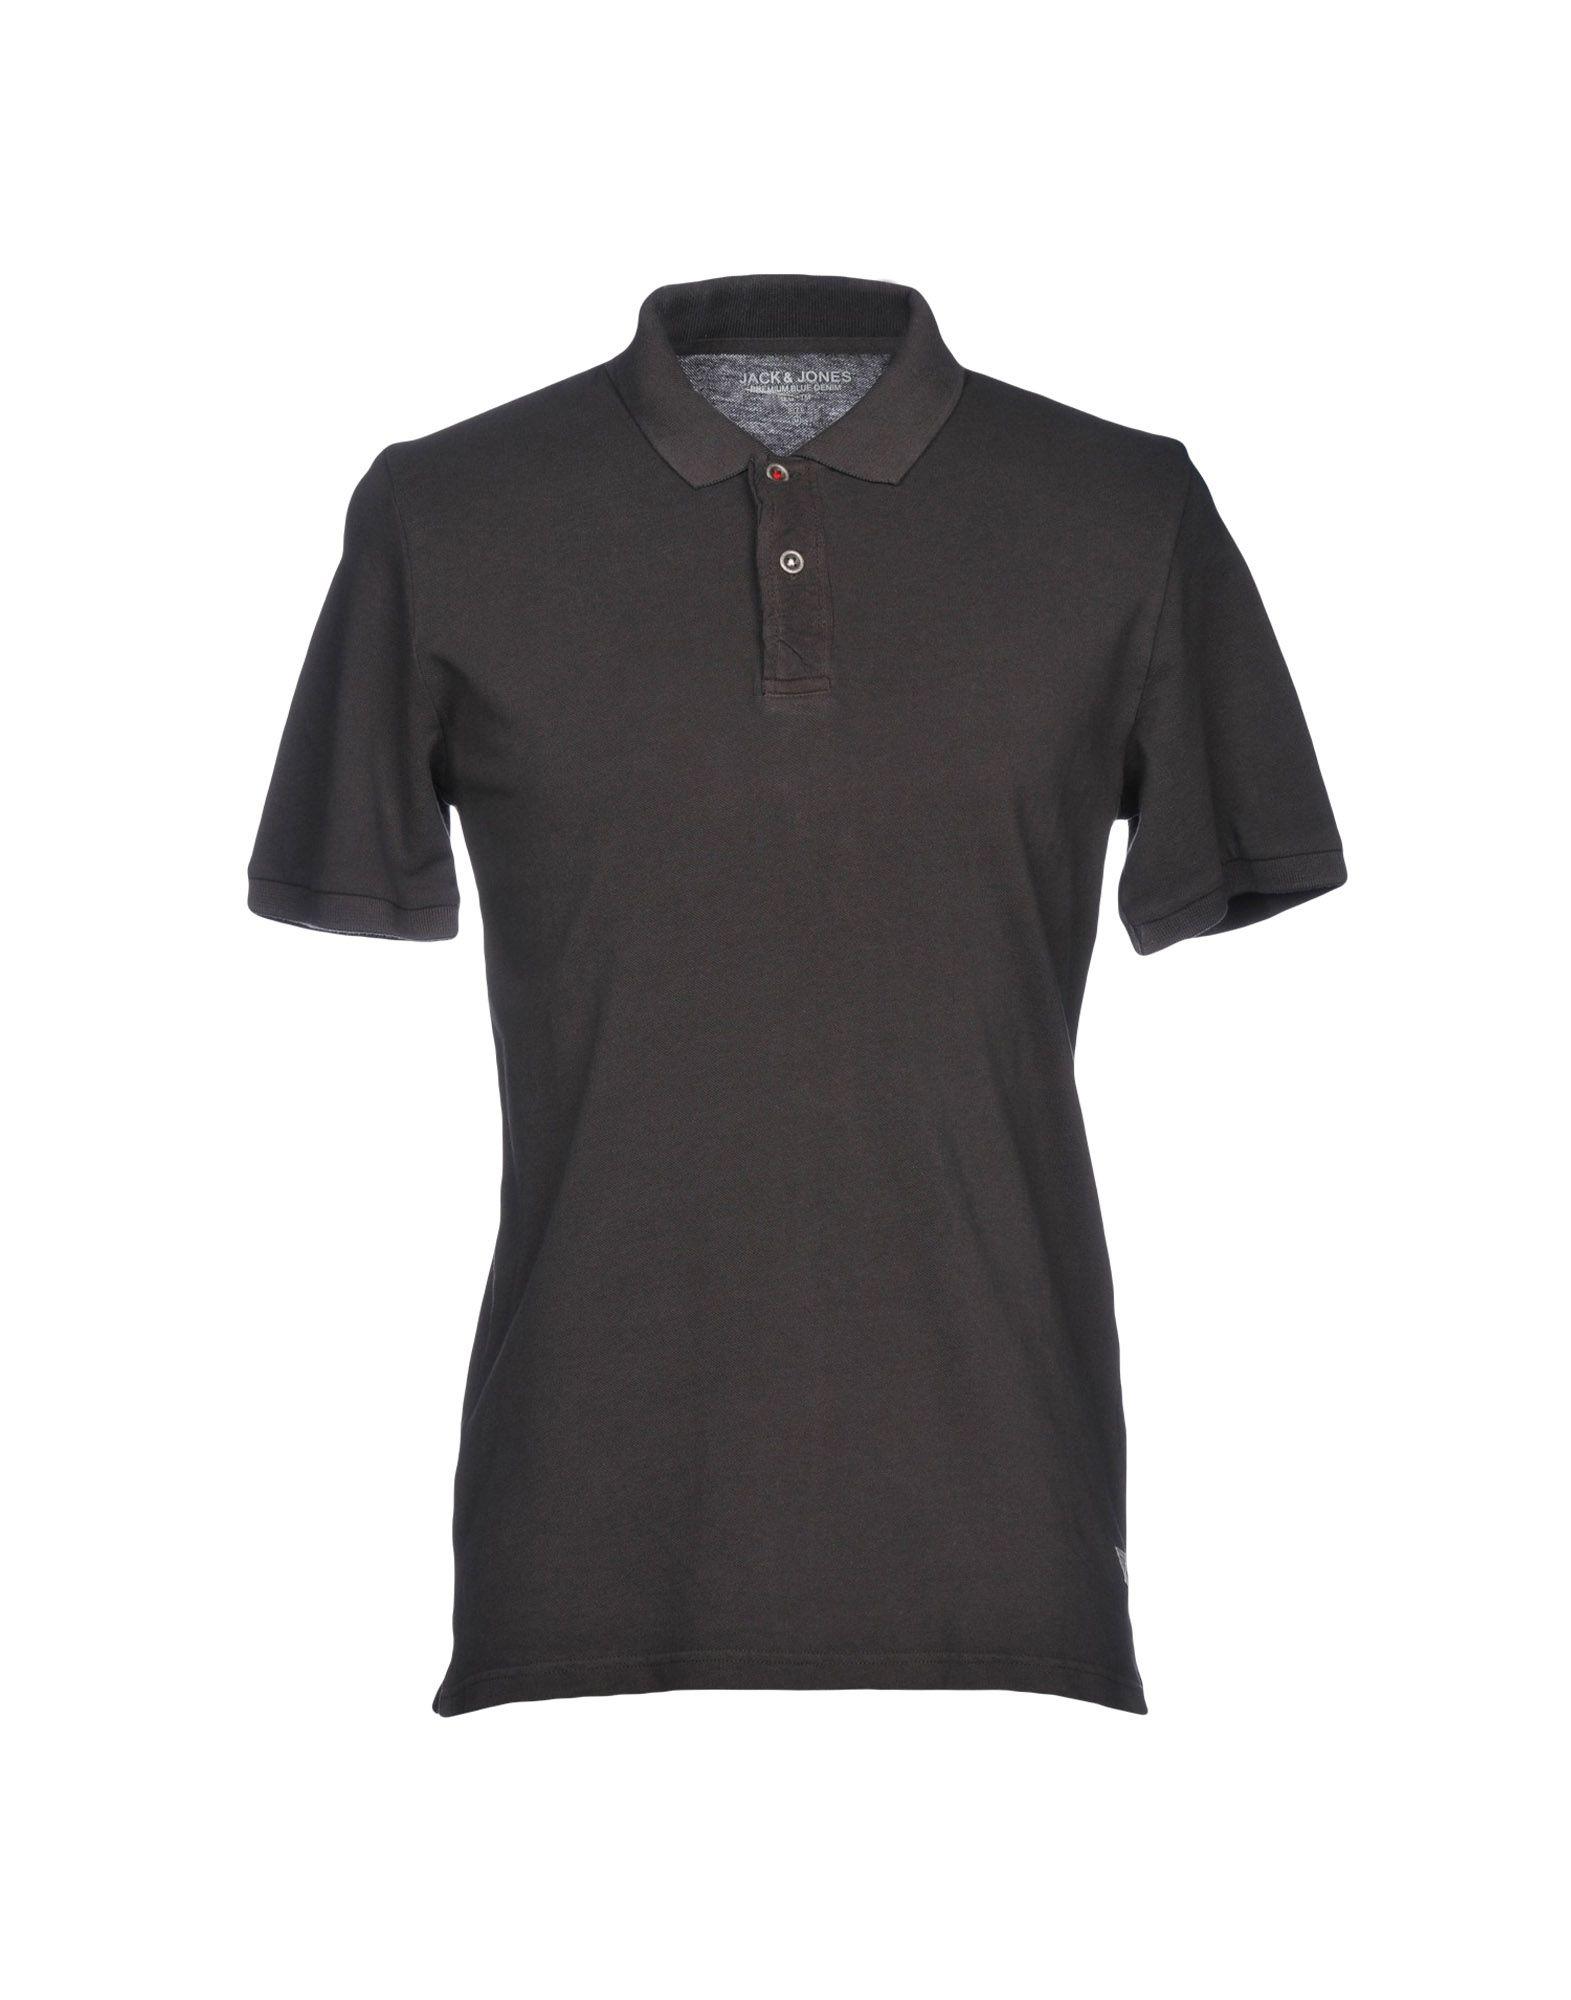 《送料無料》JACK & JONES PREMIUM メンズ ポロシャツ ダークブラウン S 100% コットン